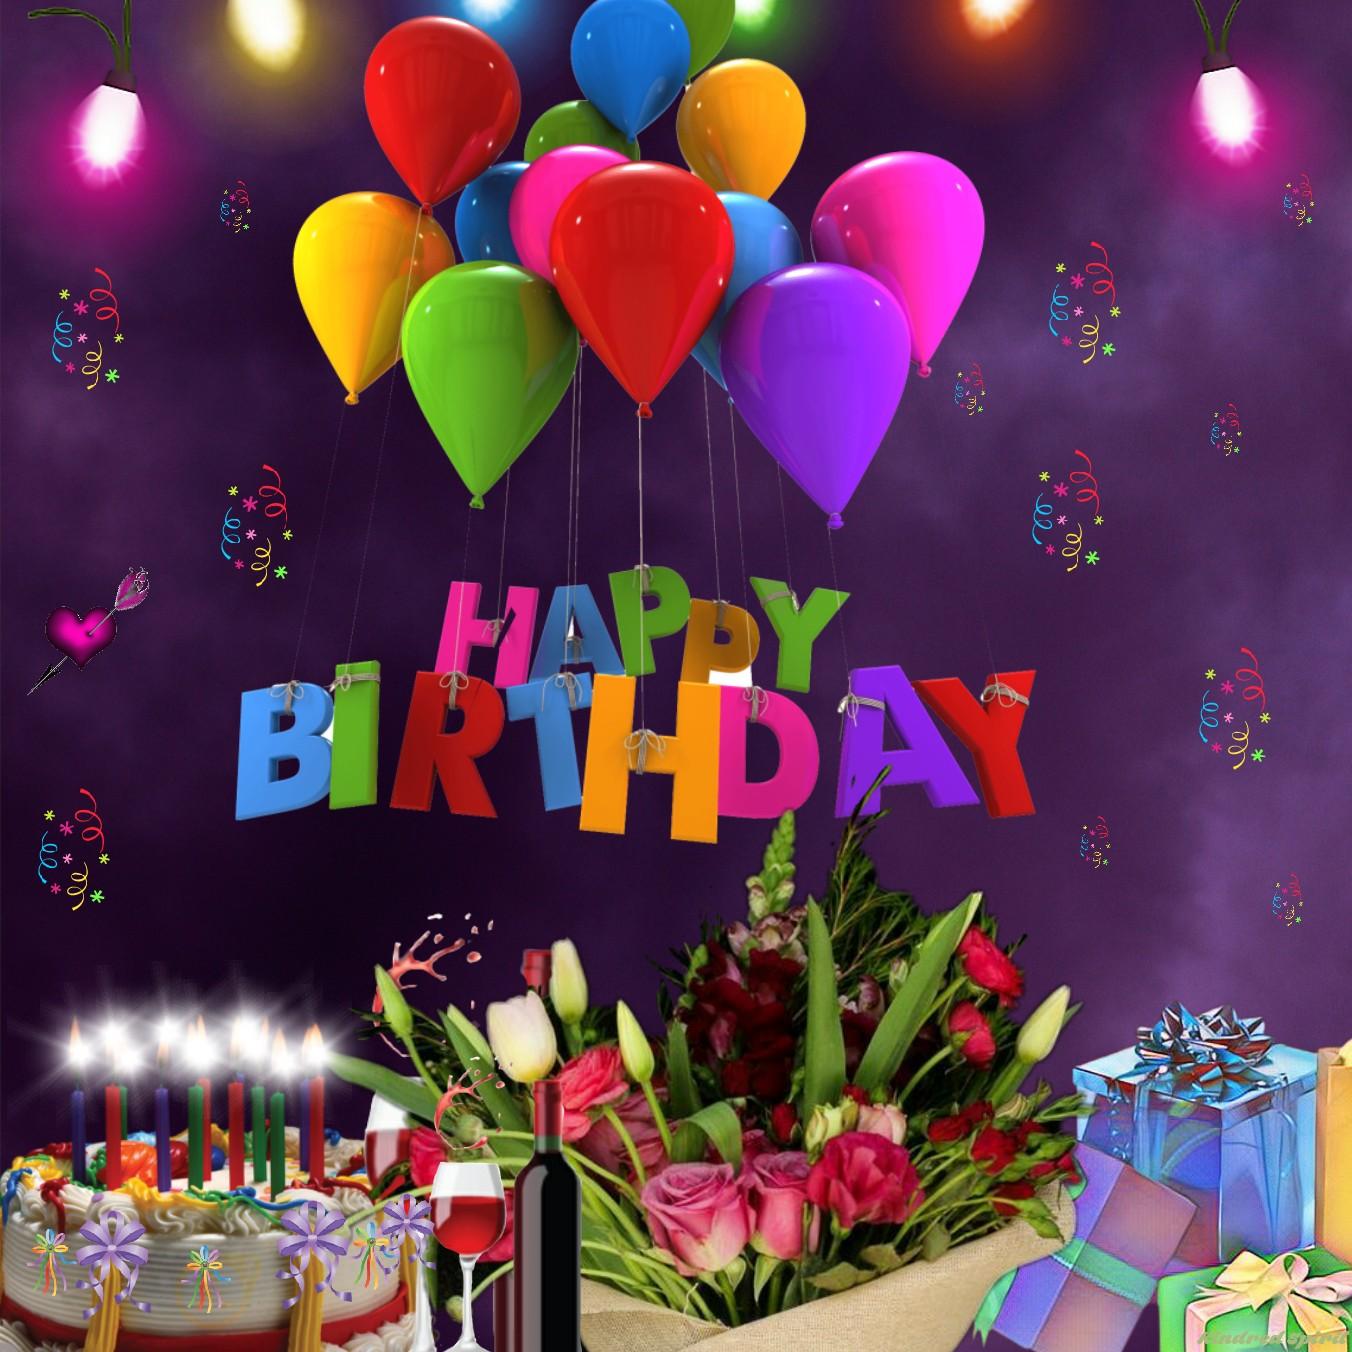 Happy Birthday Cake Presents Wine Flowers Balloons